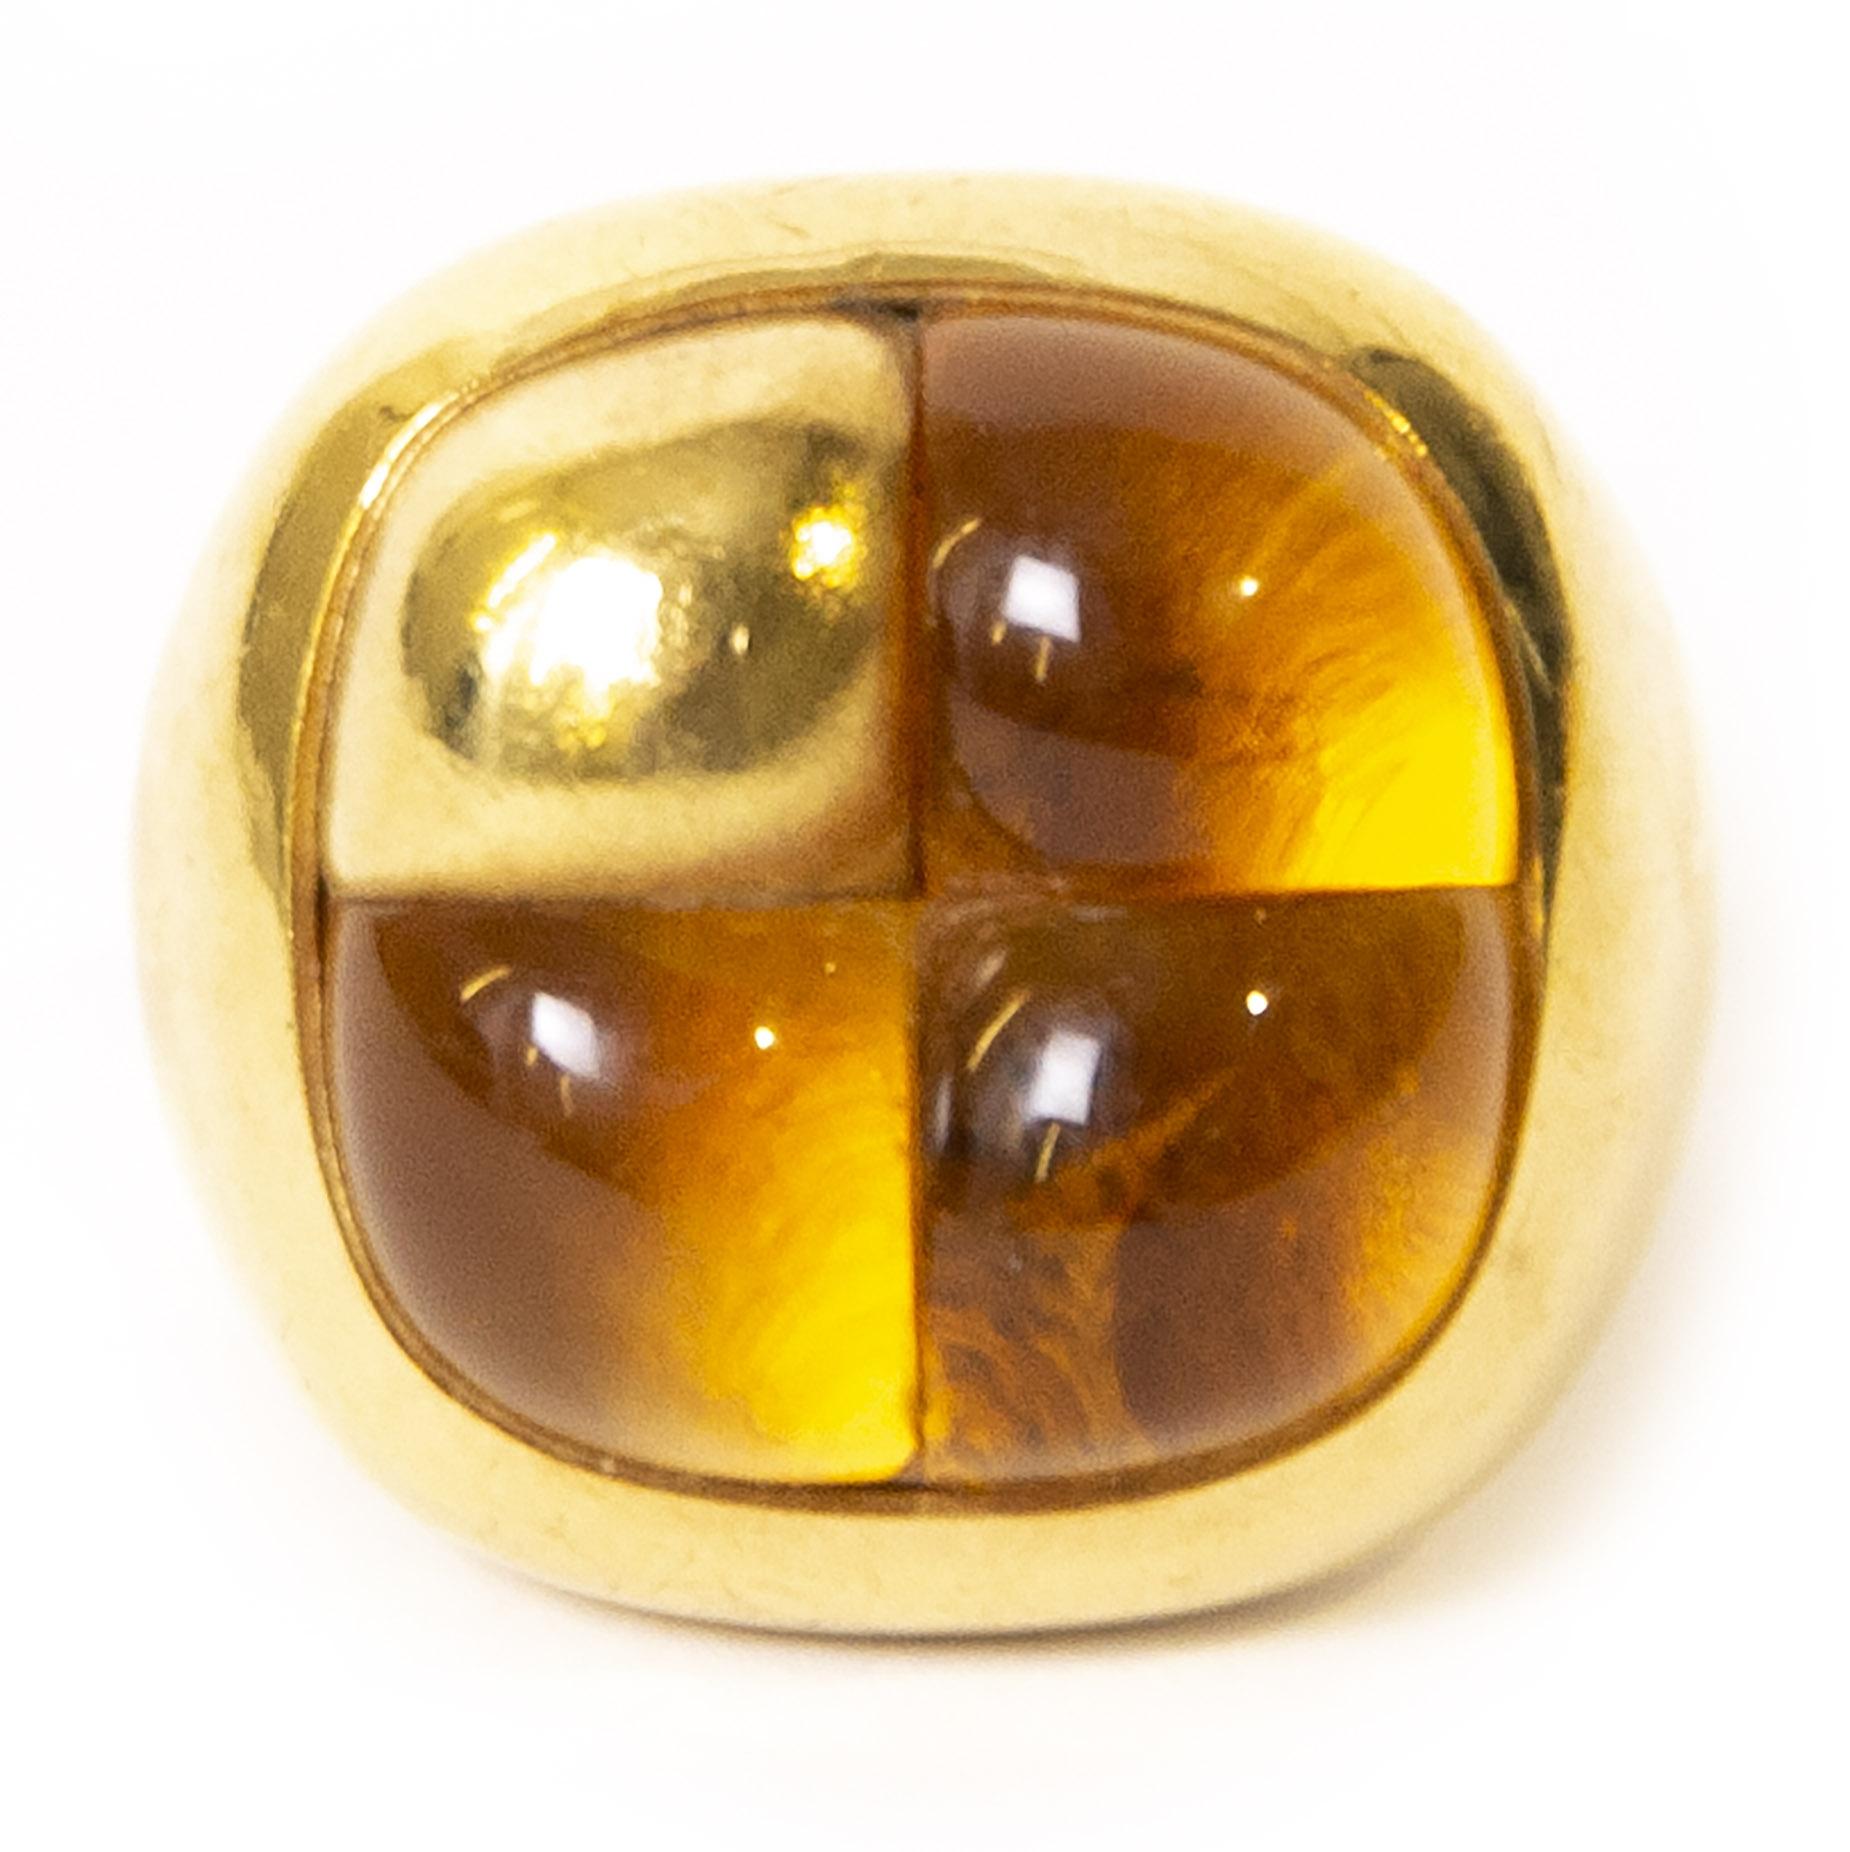 Authentieke Tweedehands Pomellato Mosaique Ring Yellow Gold and Citrine juiste prijs veilig online shoppen webshop luxe merken winkelen Antwerpen België mode fashion